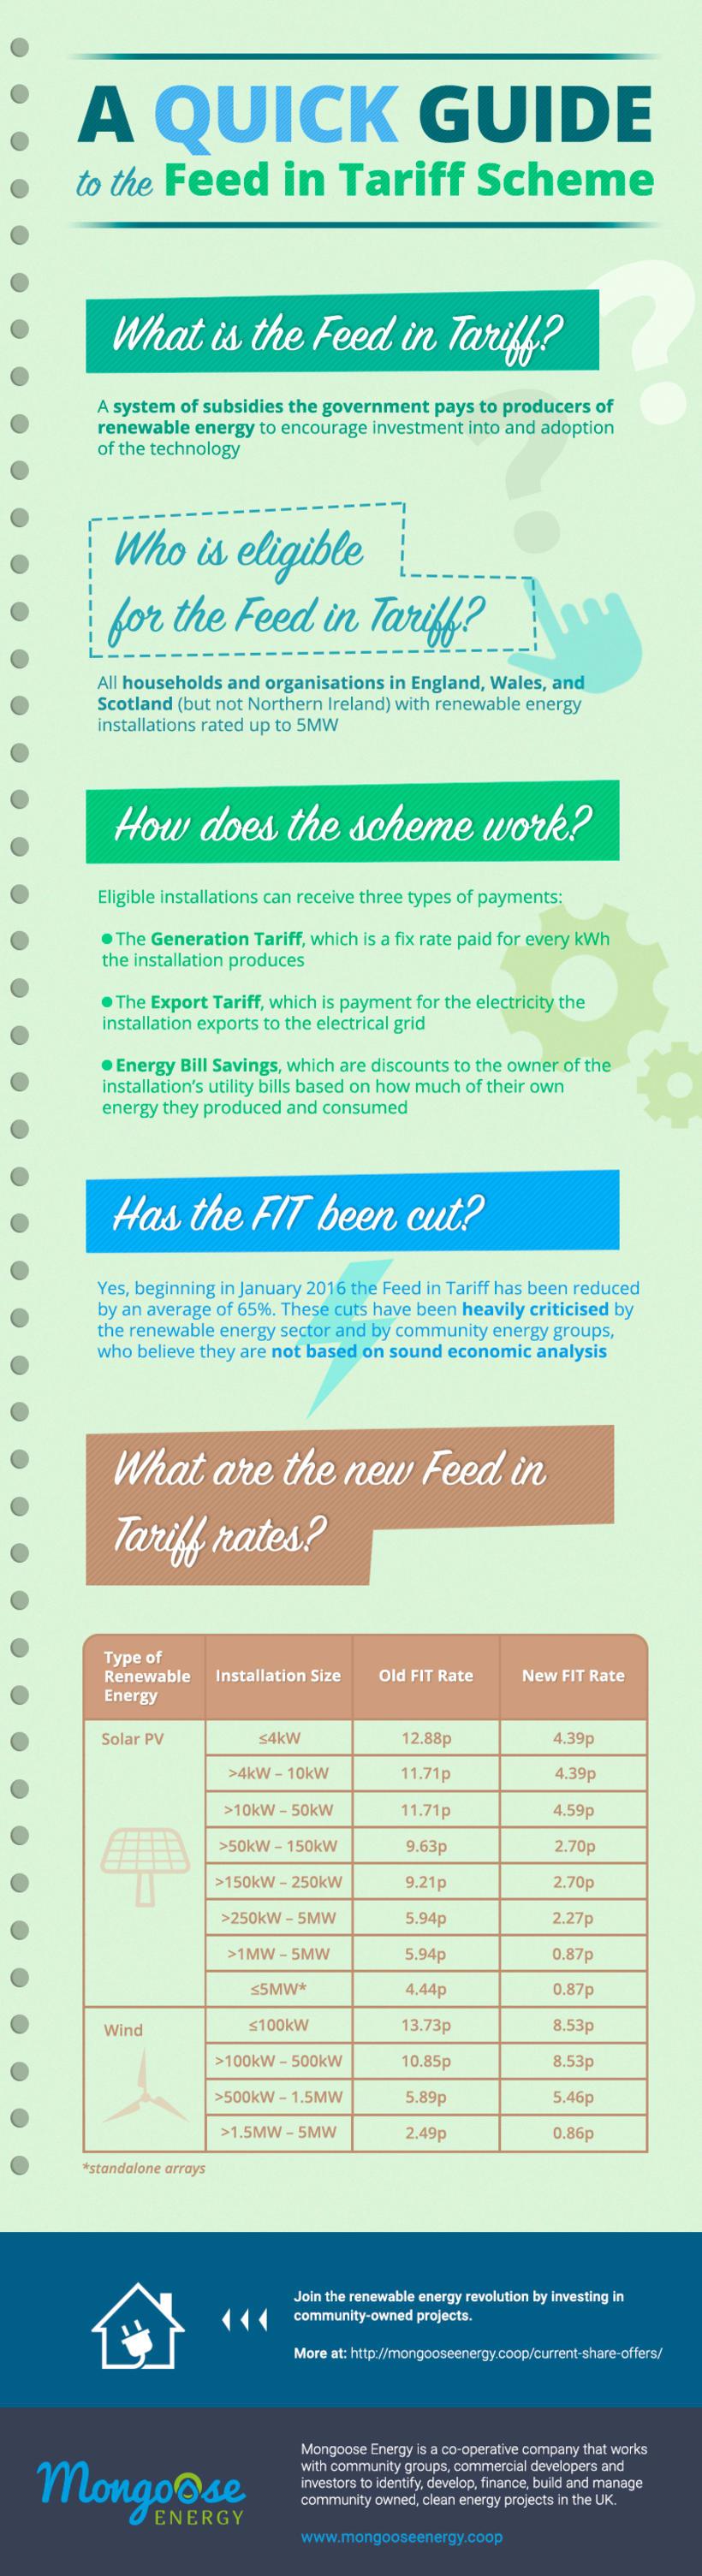 """Diseño de infografía: """"A Quick Guide to the Feed in Tariff Scheme"""" -1"""